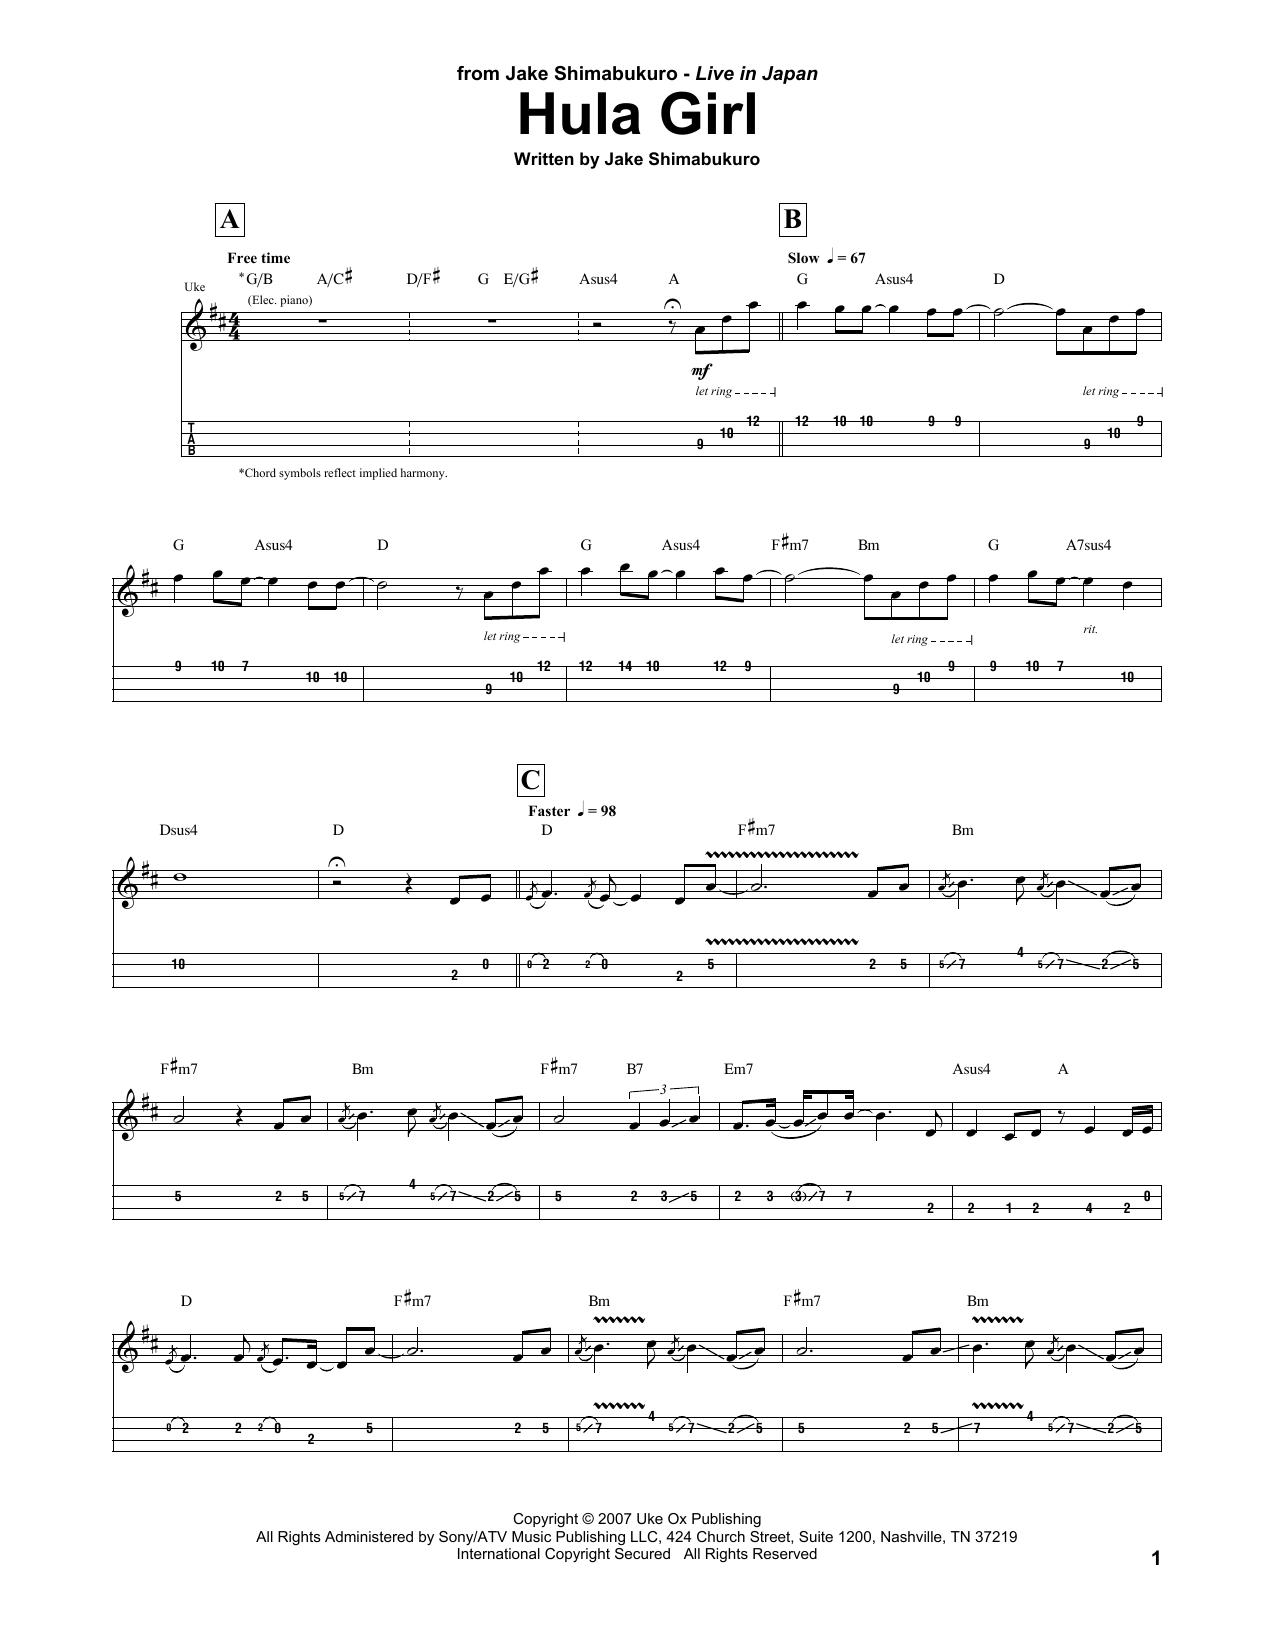 Hula Girl Sheet Music